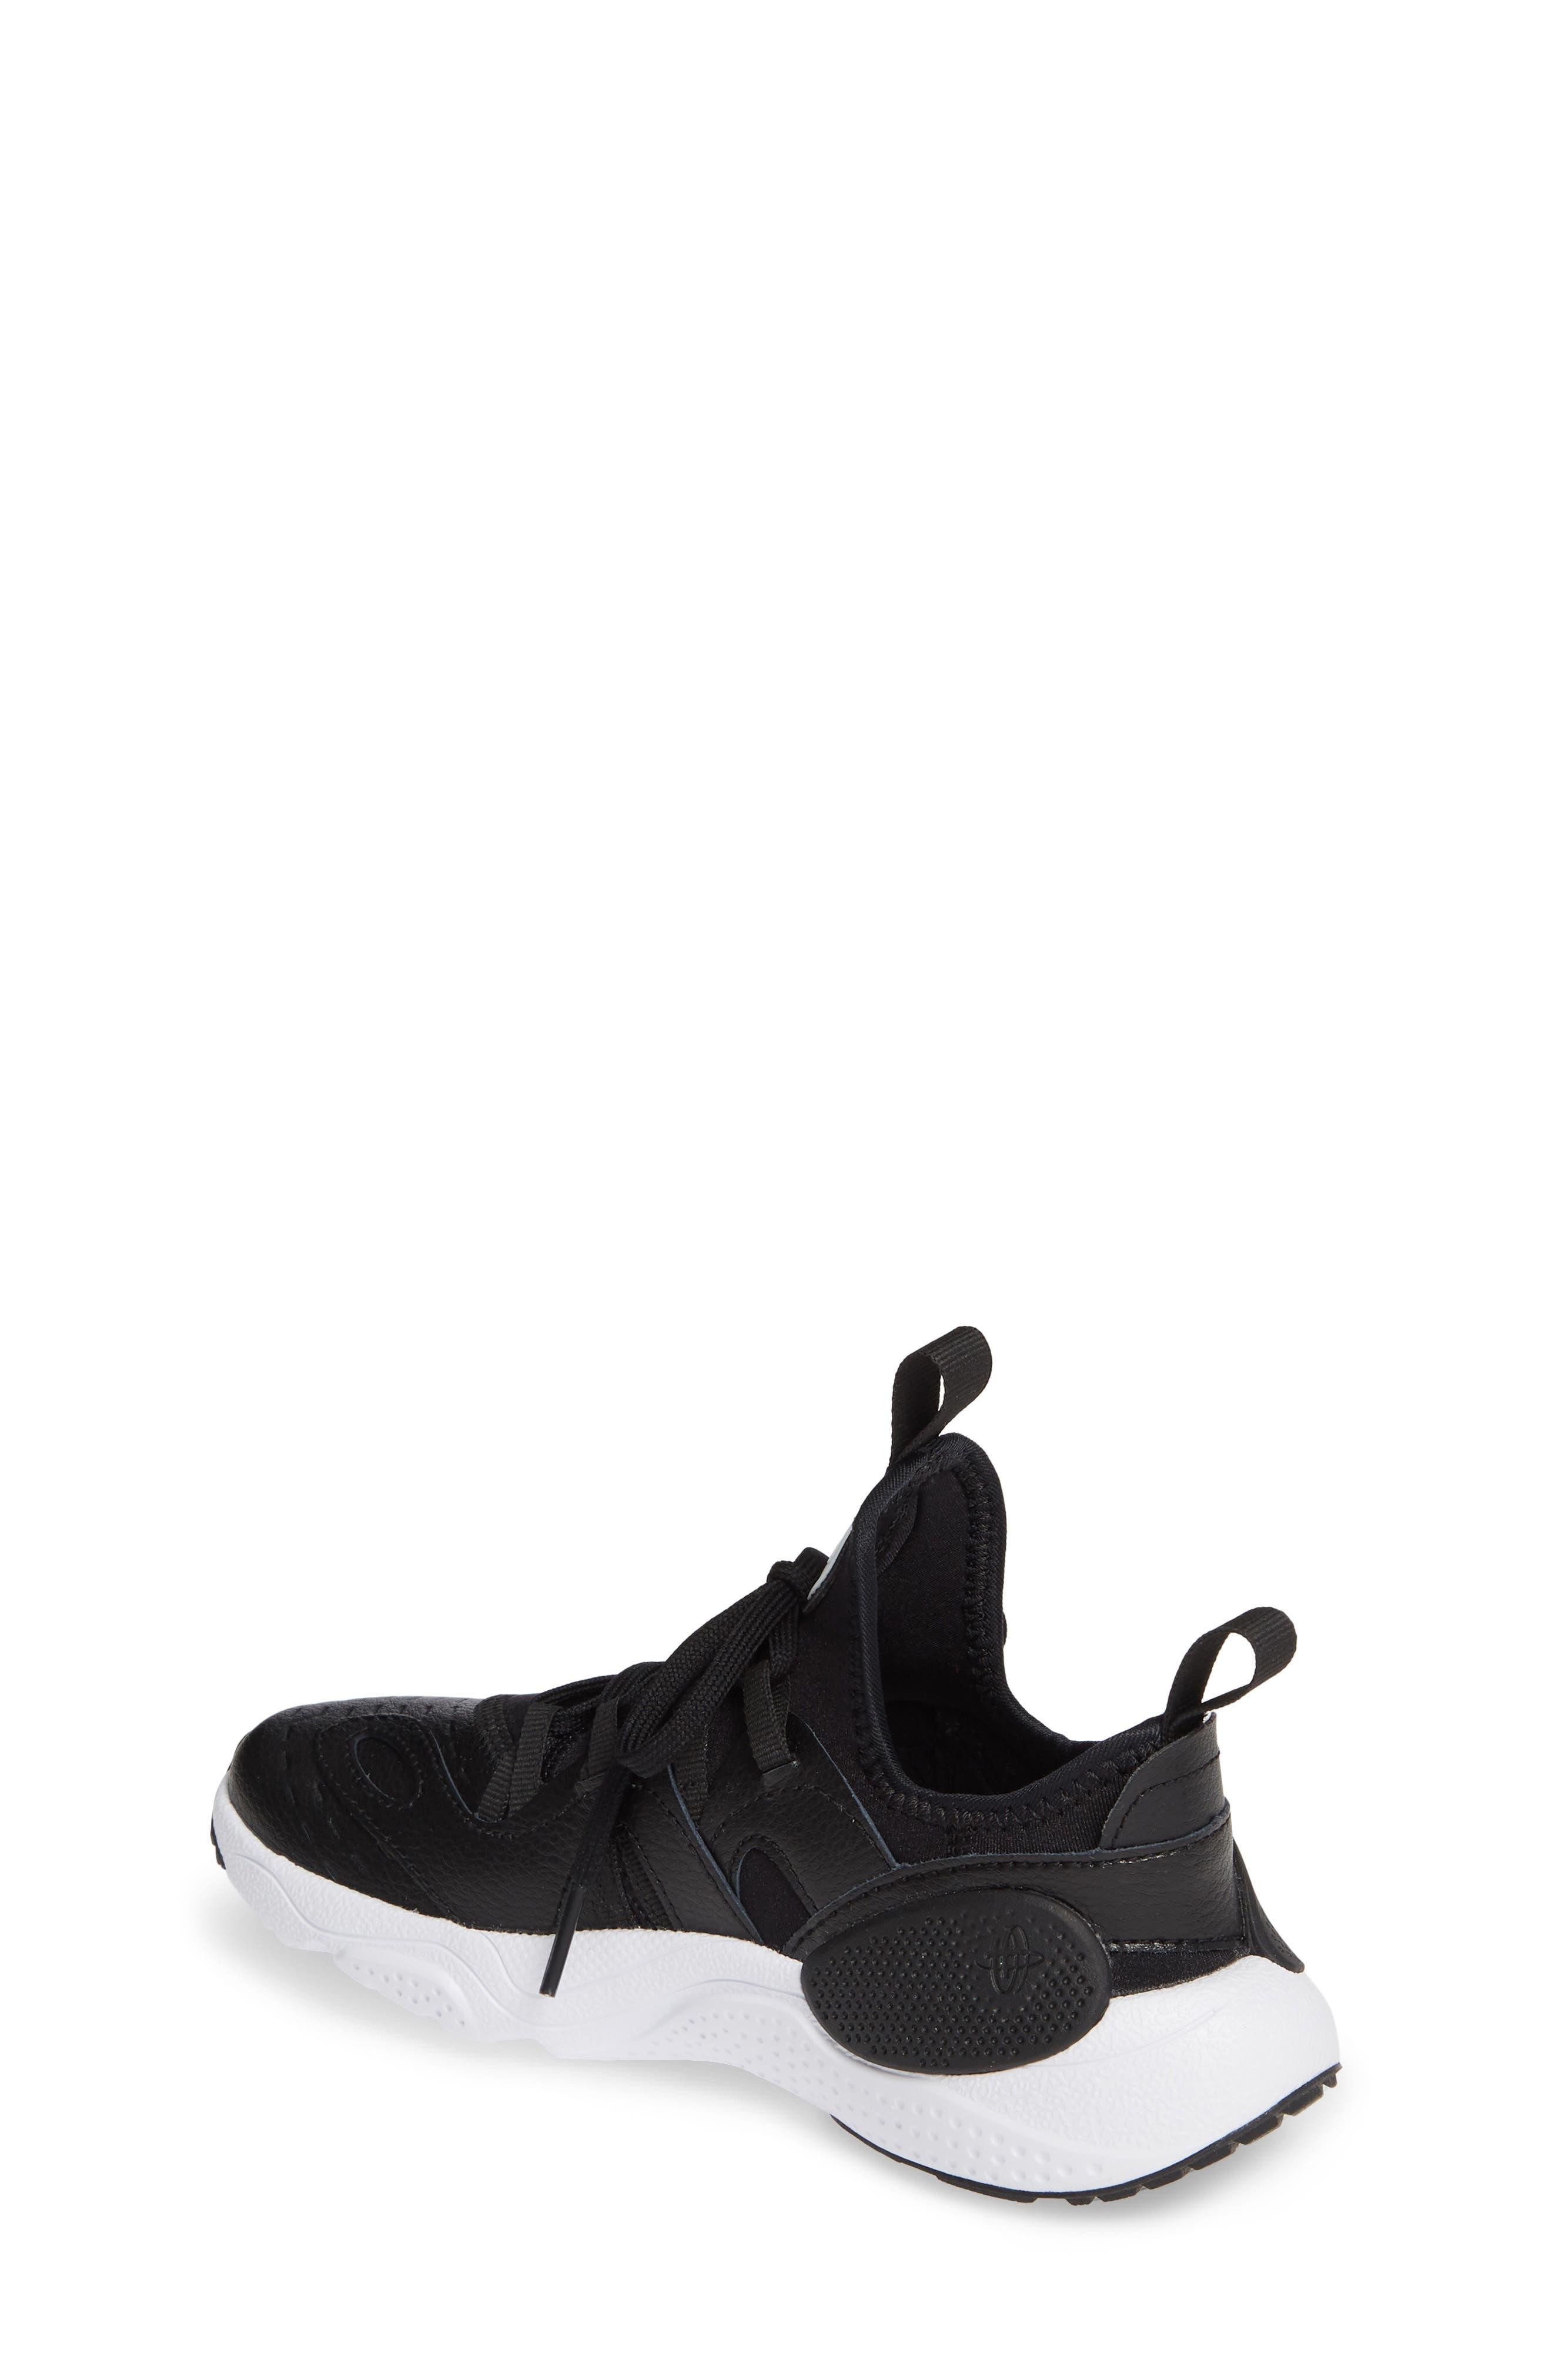 Huarache E.D.G.E. Sneaker,                             Alternate thumbnail 2, color,                             BLACK/ WHITE